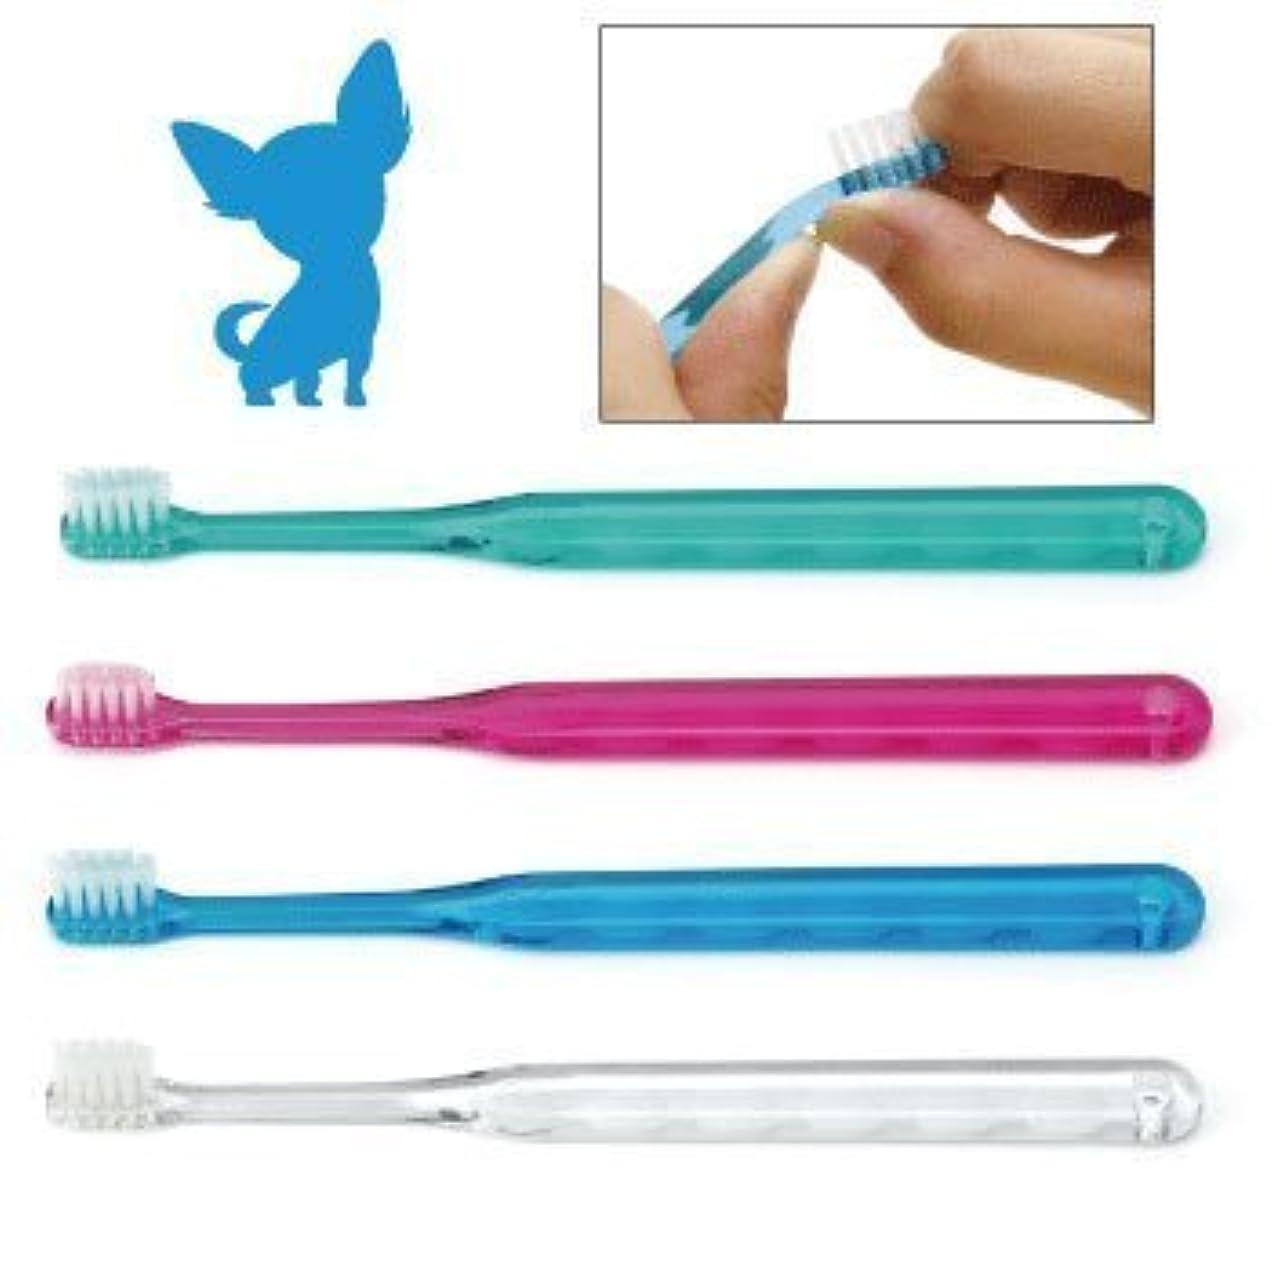 話をする一致する喉が渇いた犬用歯ブラシ / Ci シュワワ / 4色アソート/12本セット